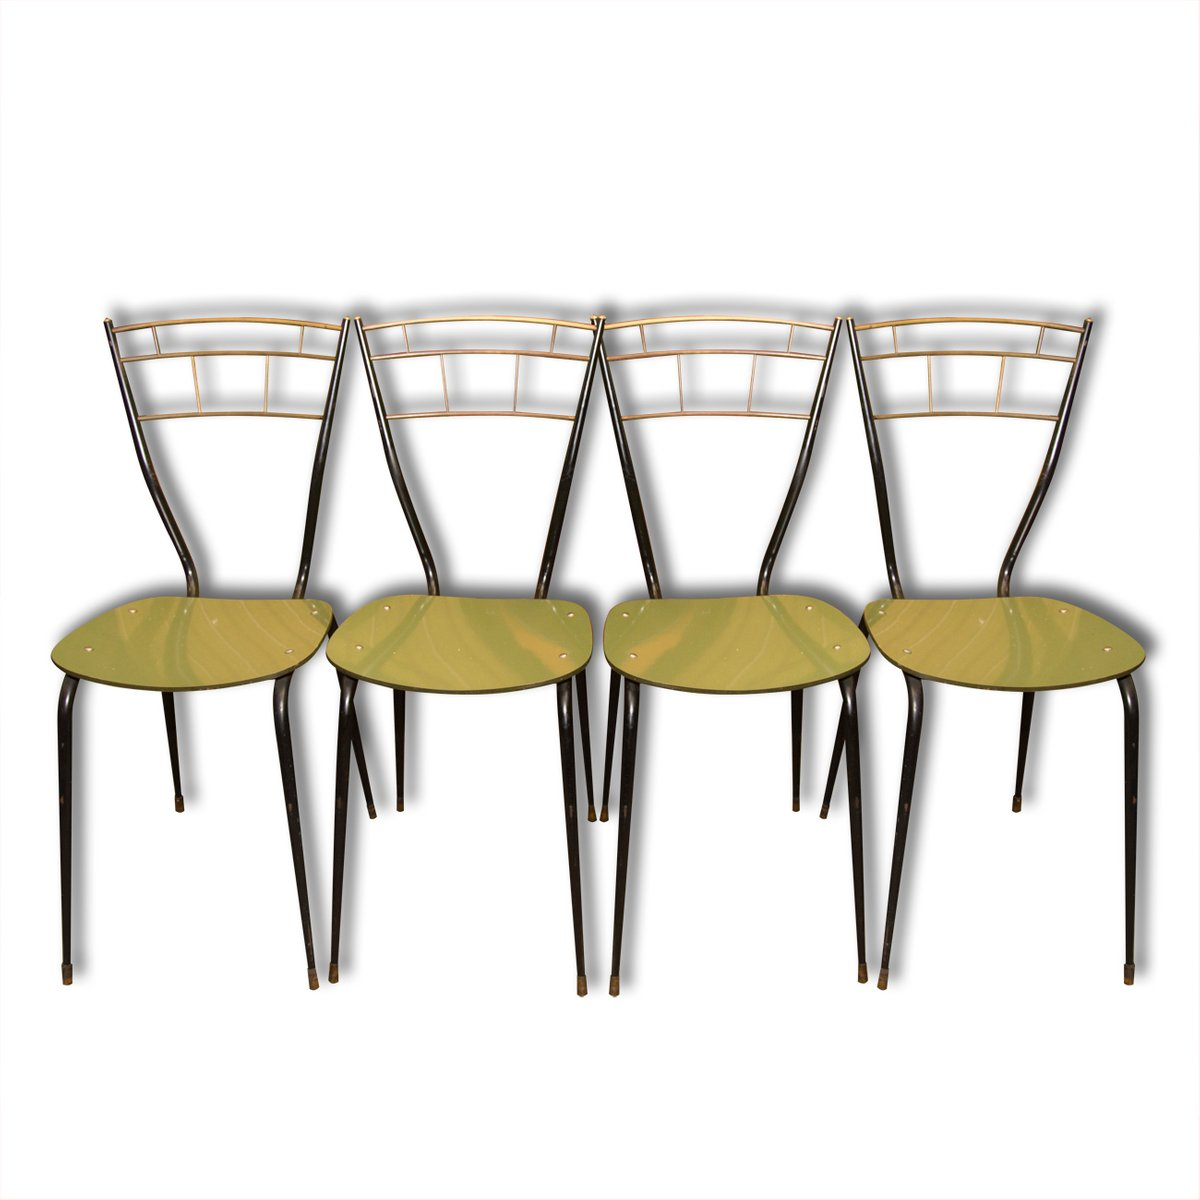 Sillas de comedor italianas Mid-Century con asientos laminados ...